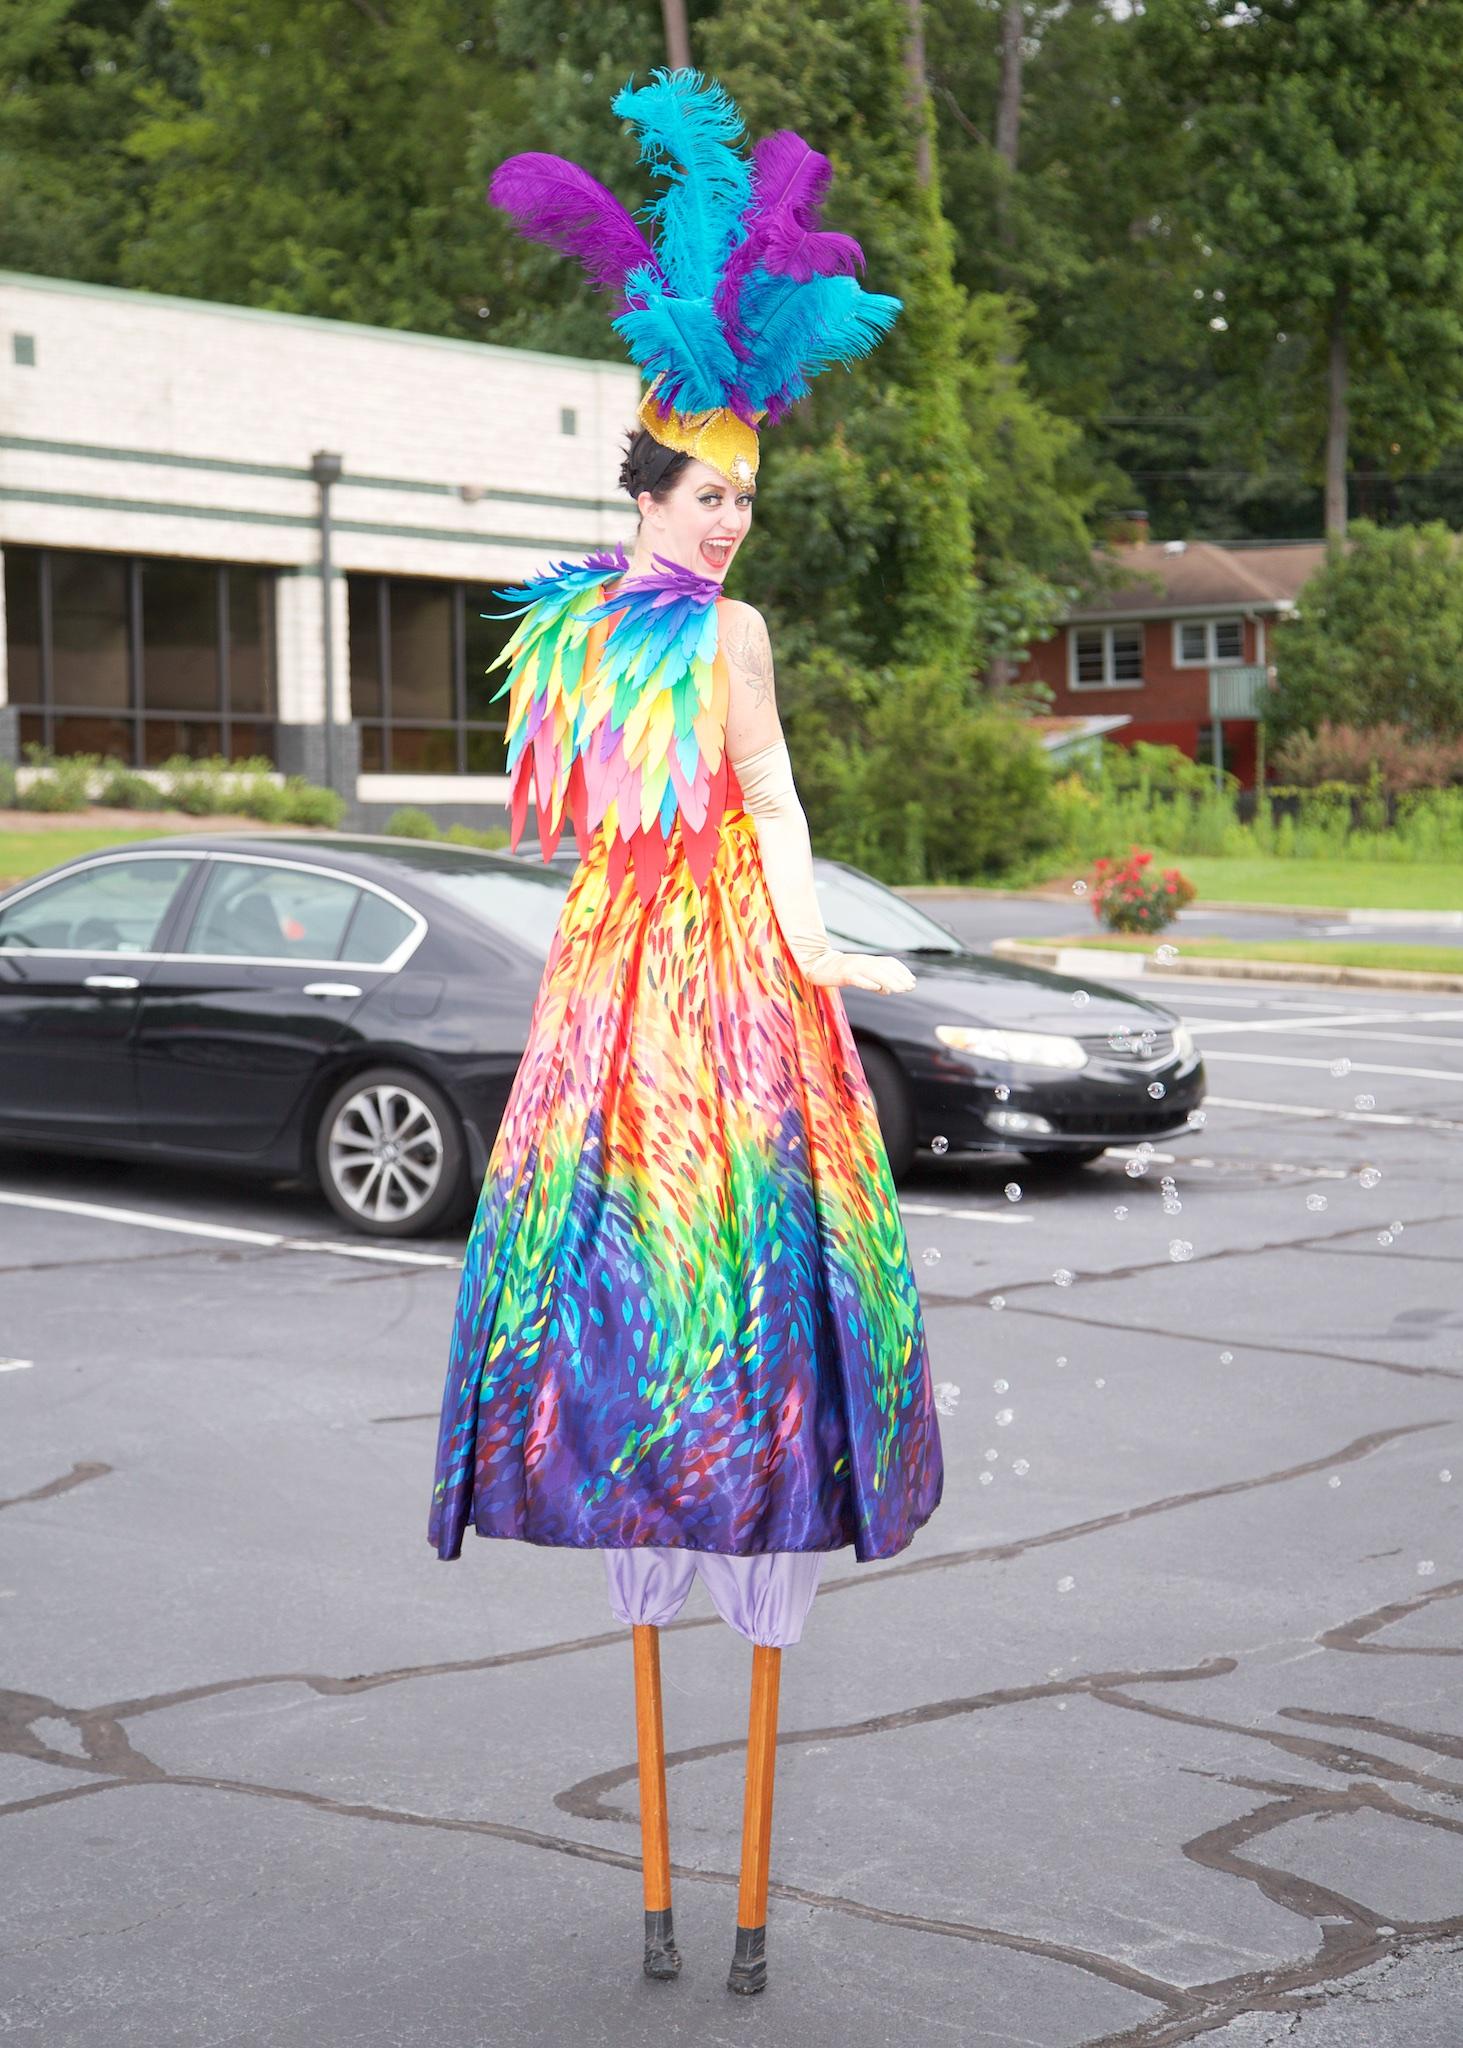 Rainbow Stilts